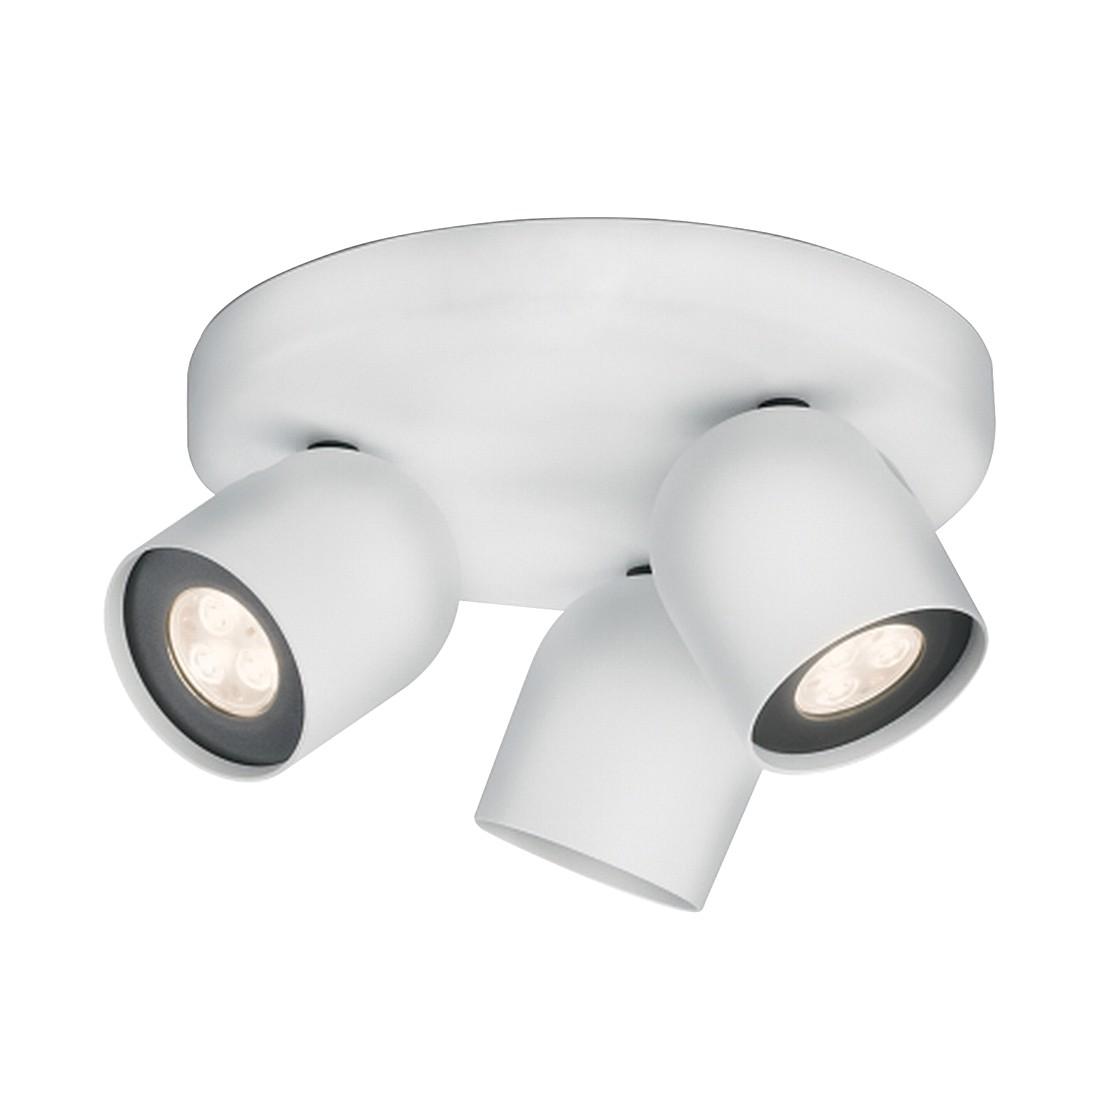 EEK A+, Deckenleuchte Ledino – Aluminium – 3-flammig, Philips Ledino online kaufen